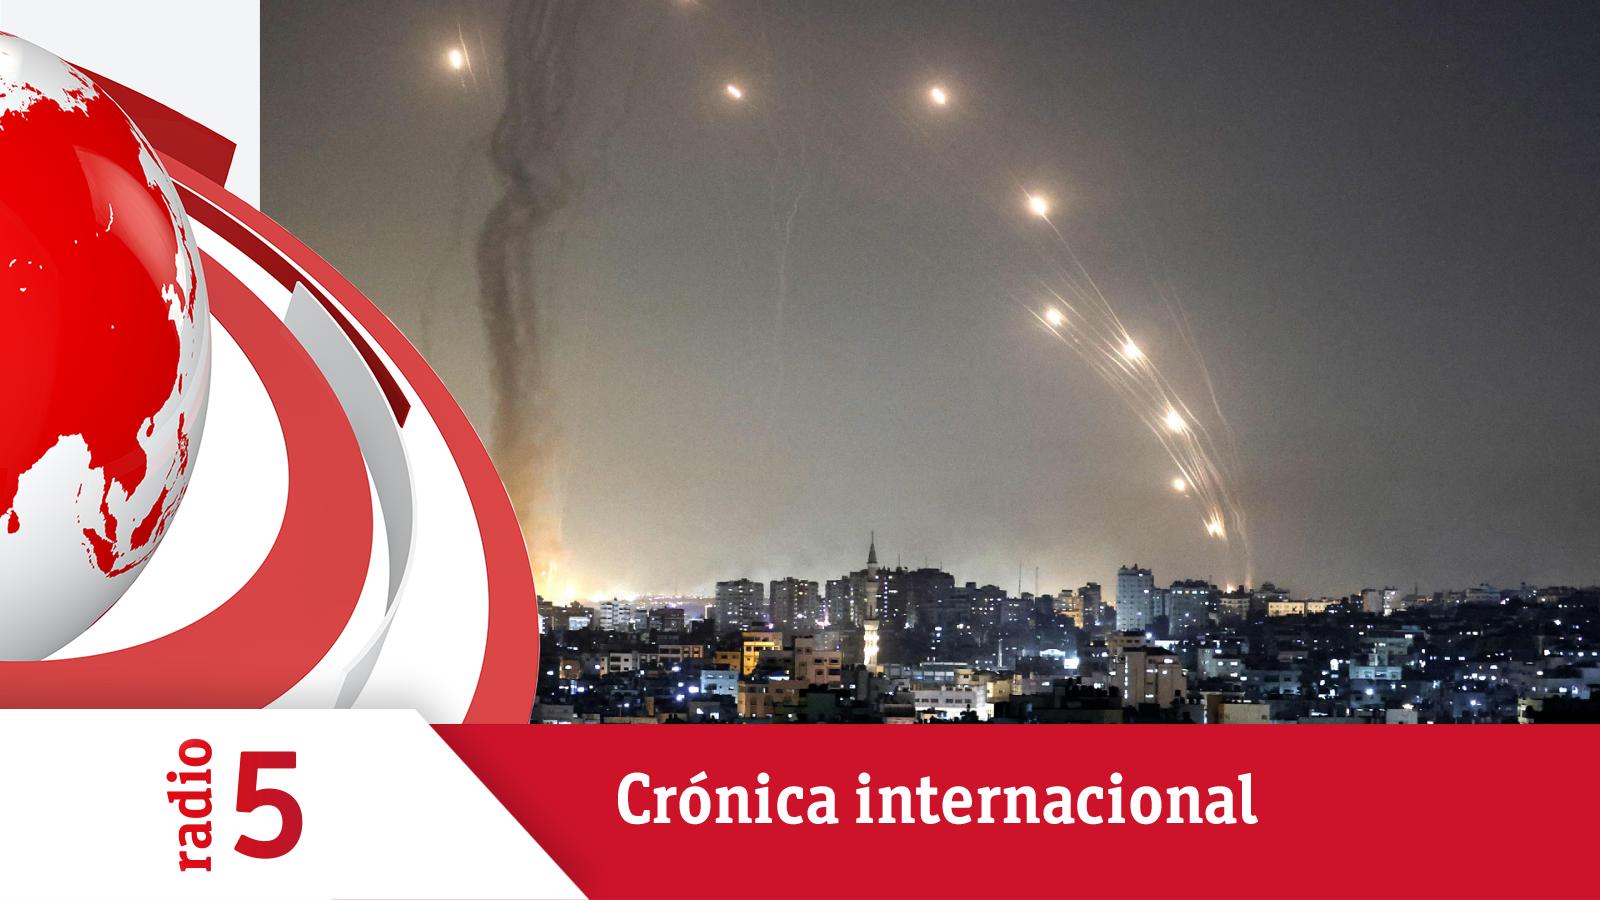 Crónica Internacional - Se intensifican los bombardeos y enfrentamientos entre israelíes y palestinos - Escuchar ahora